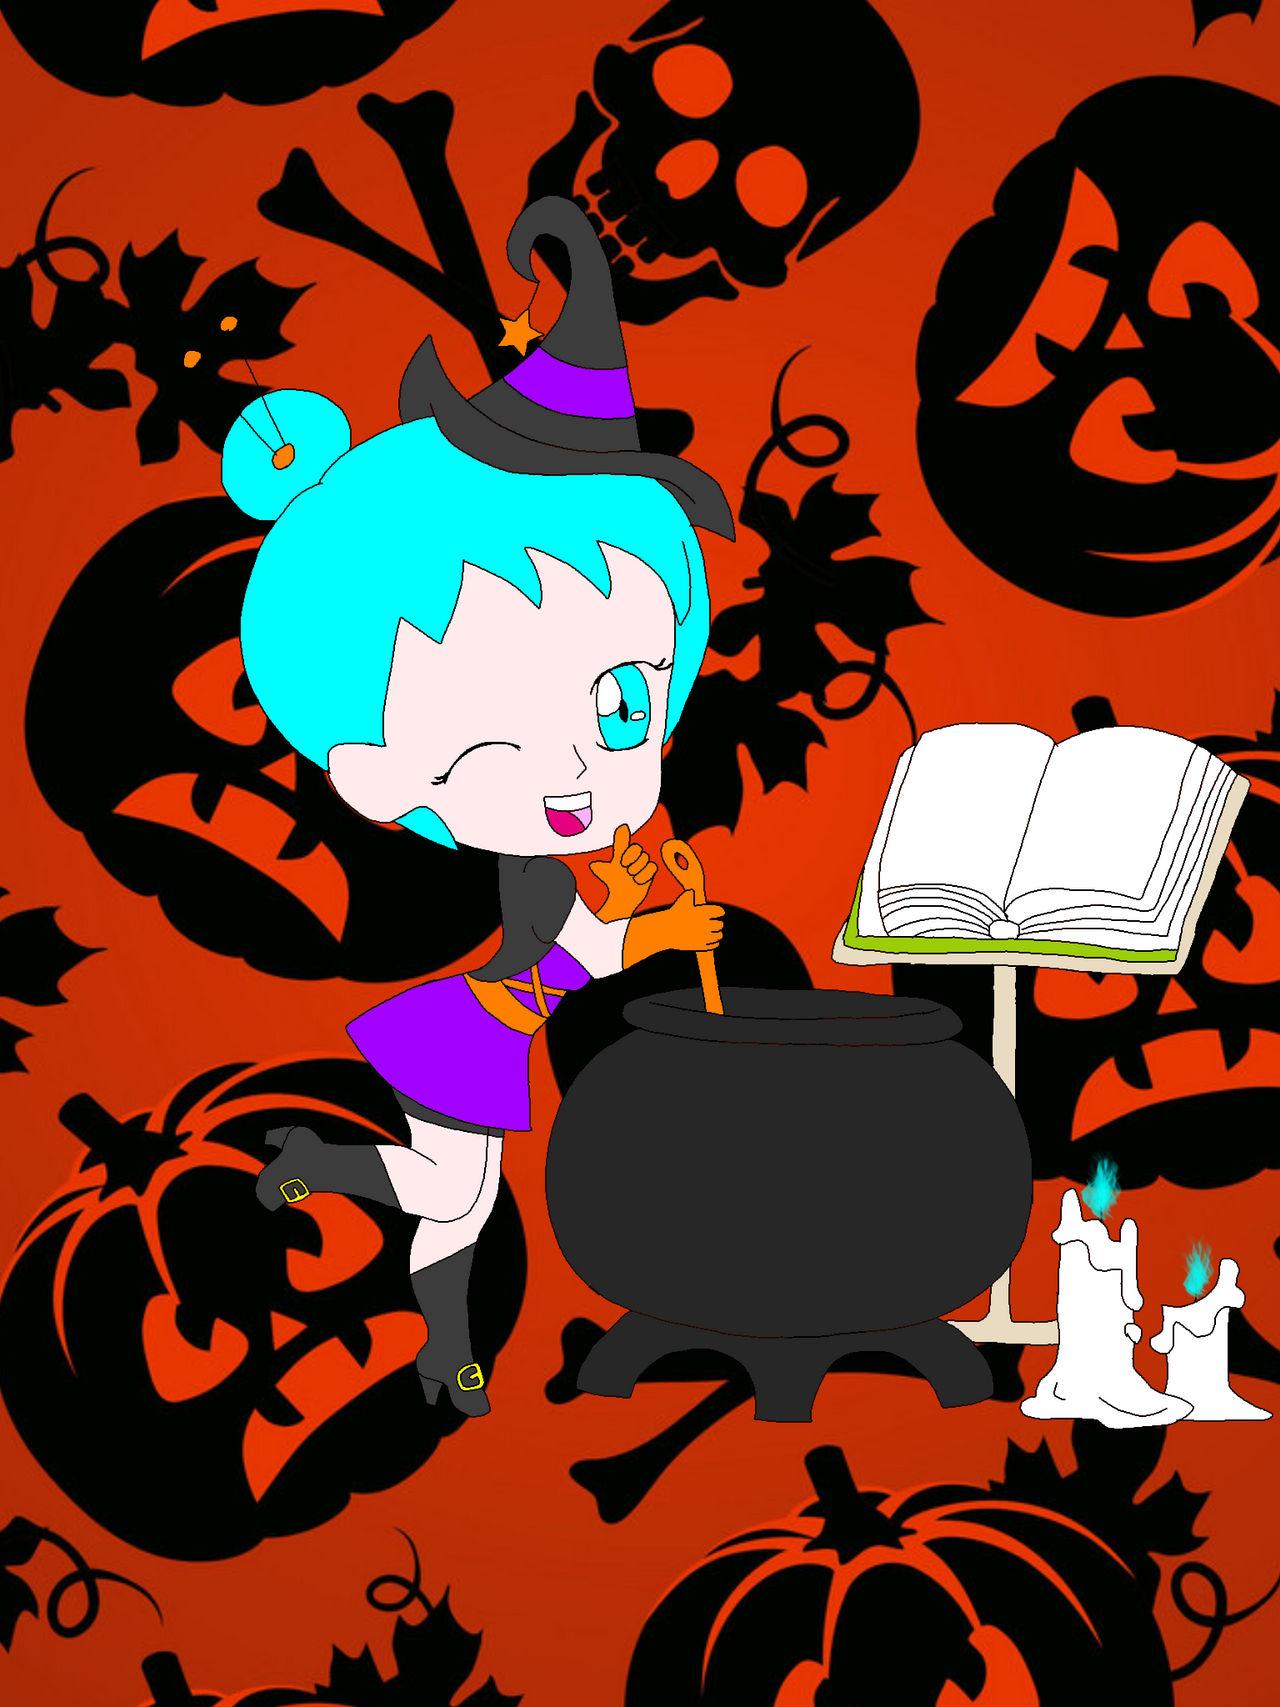 Sailor sun Halloween chibi Osana takashi